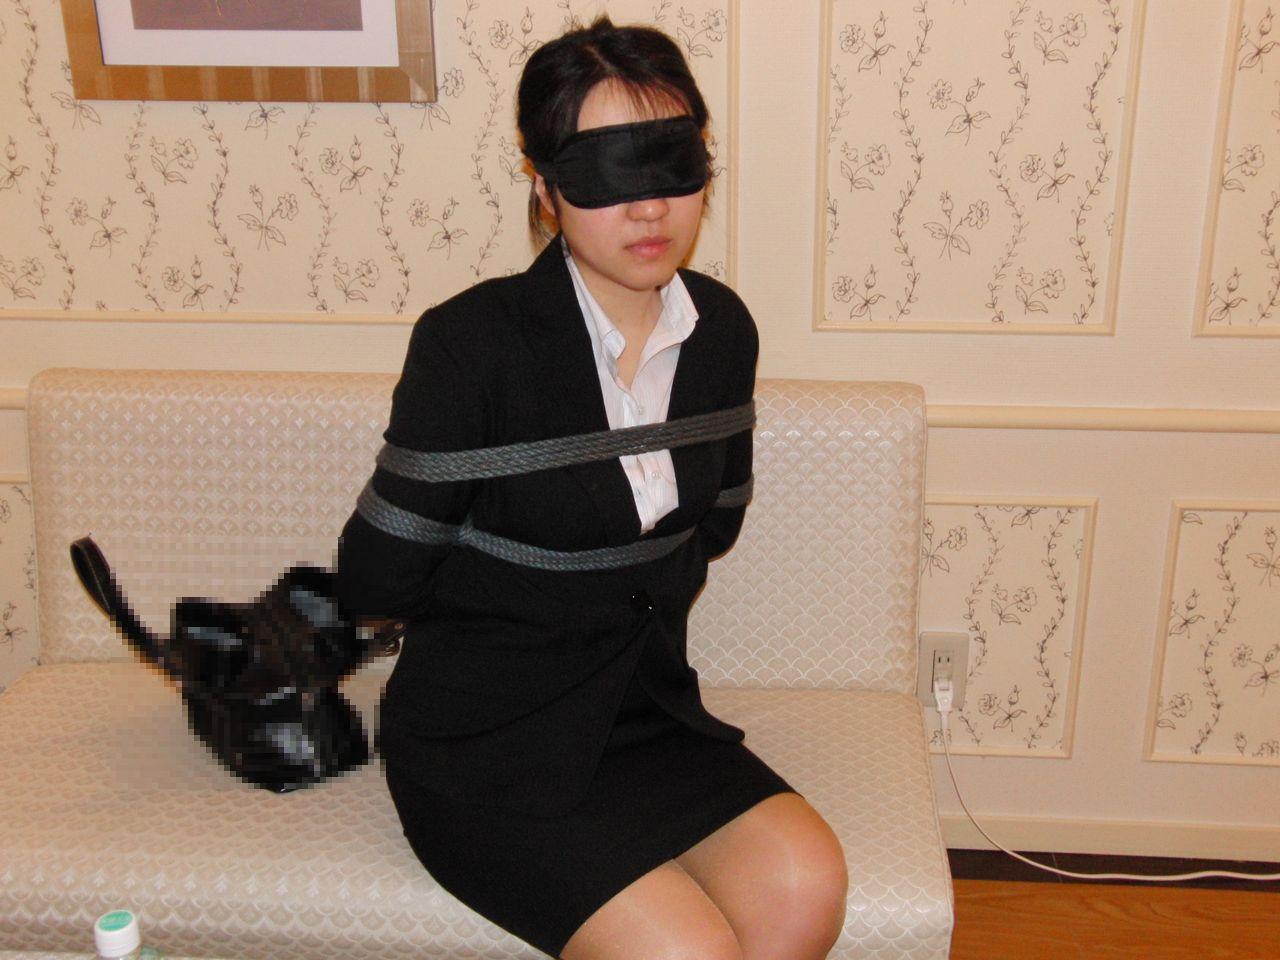 応援したくなる就職活動中のリクルートスーツお姉さんエロ画像4枚目